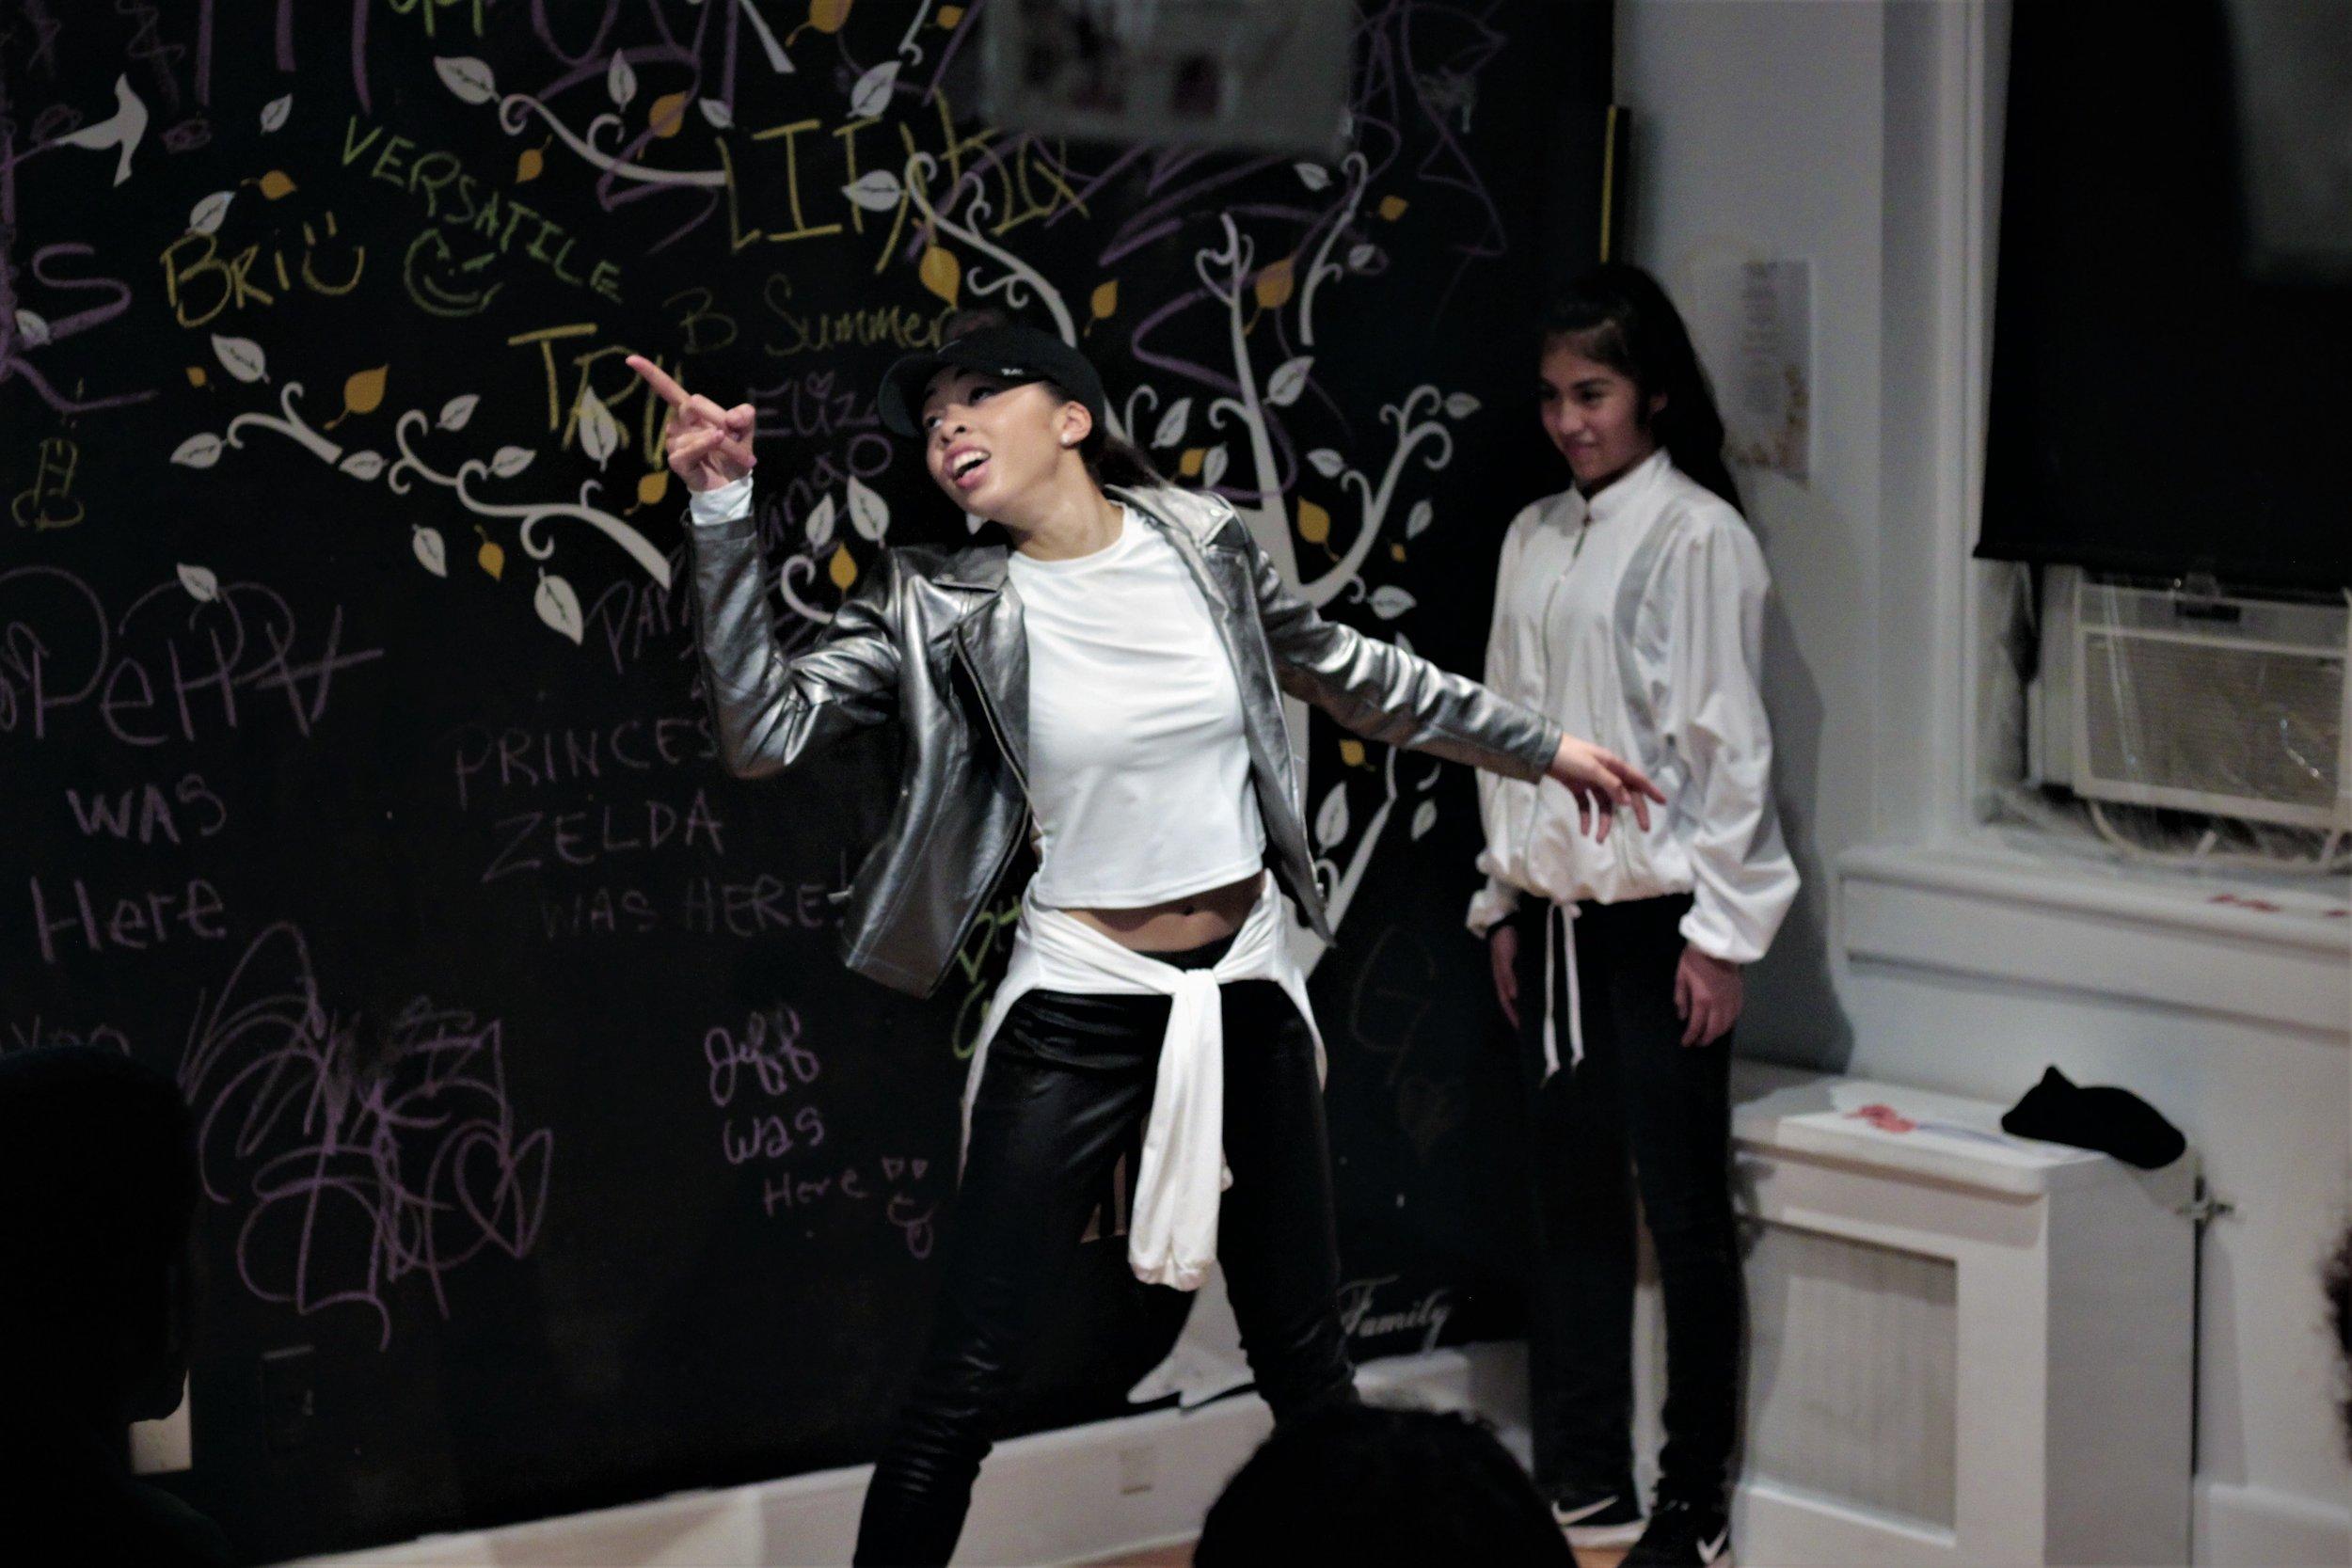 Lacey + JR Legacy - Hip Hop Dance